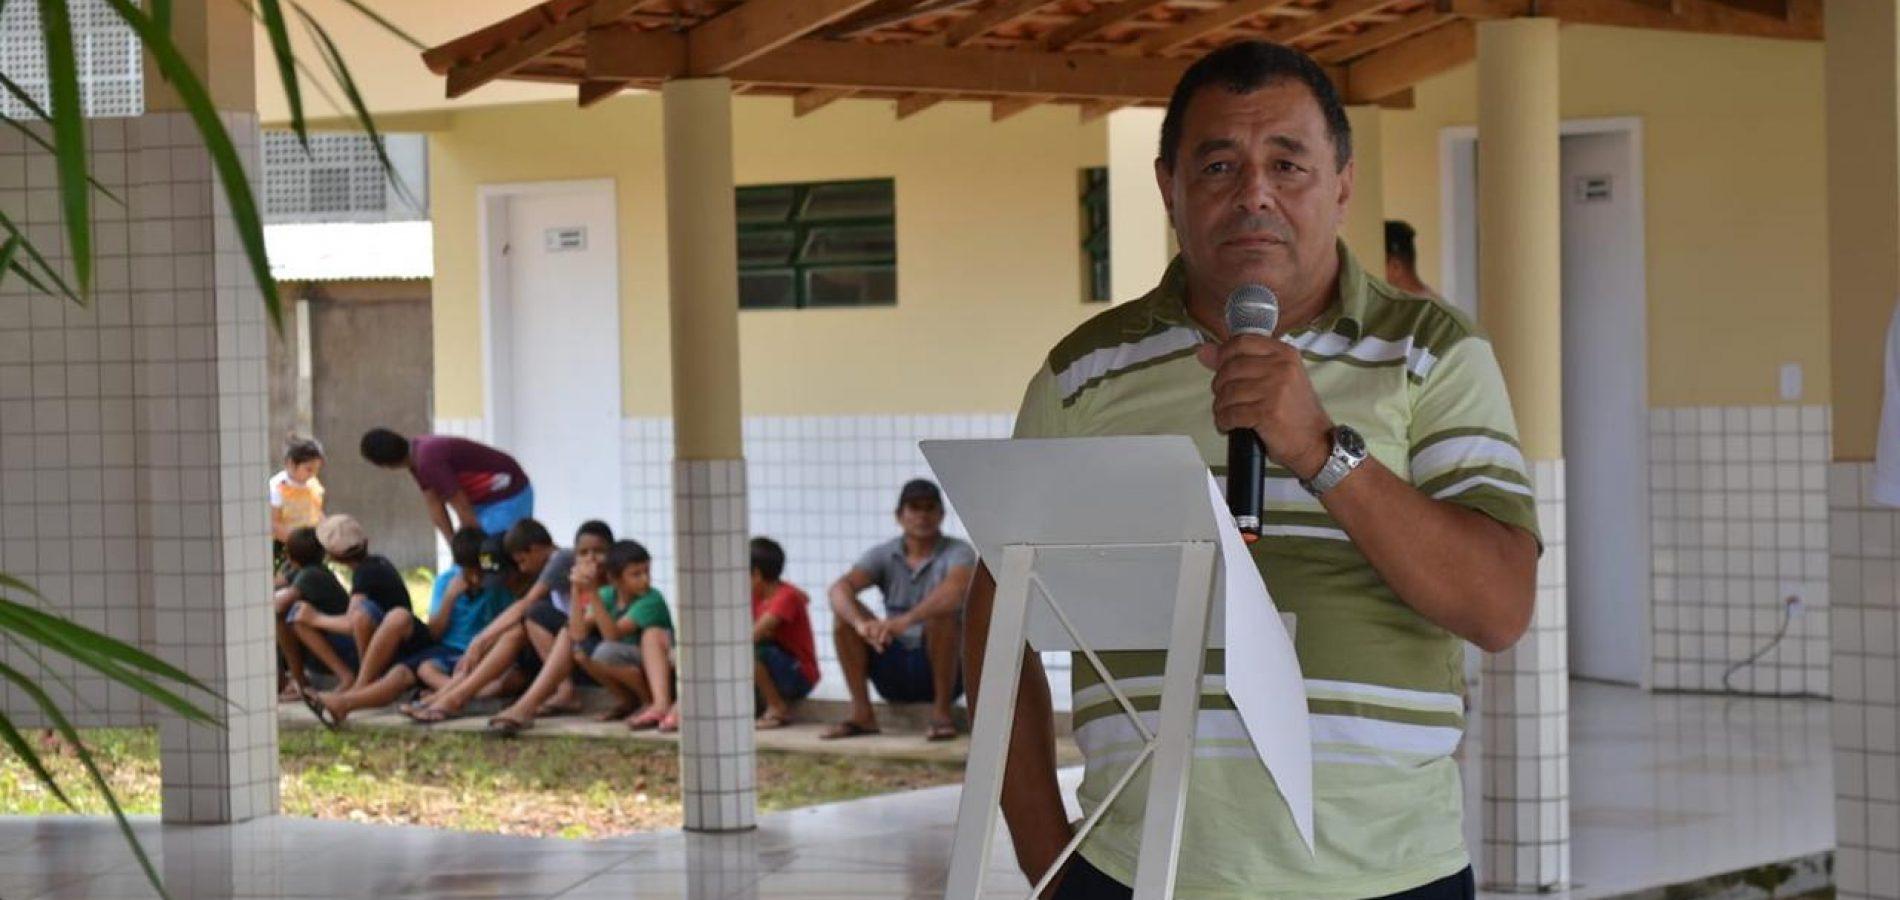 Enfermeira do prefeito morto com Covid-19 no Piauí relata últimos momentos do gestor